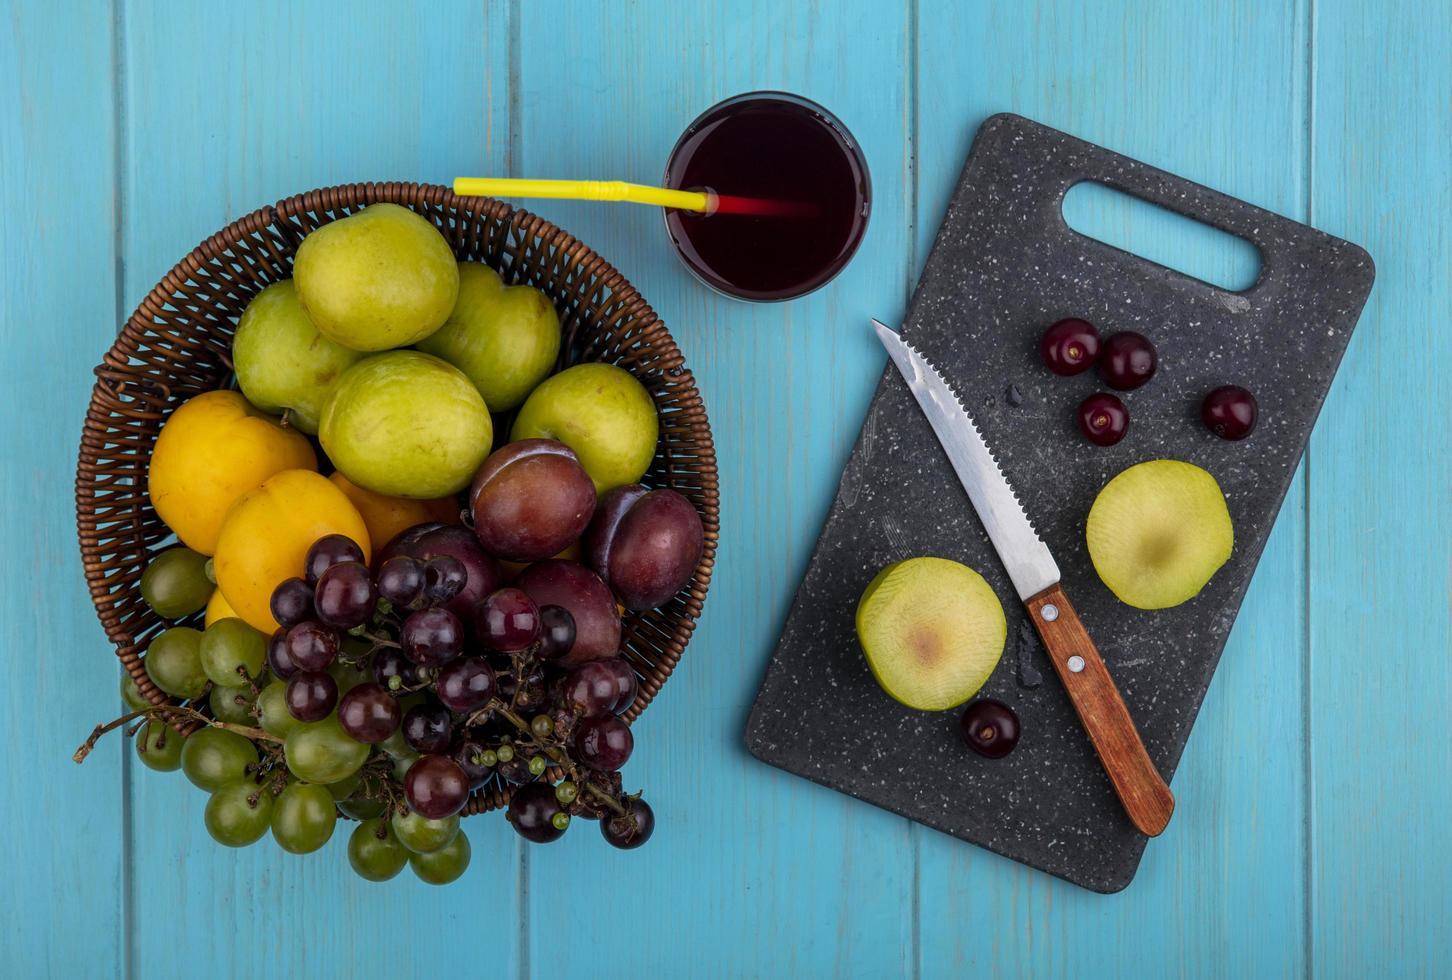 geassorteerde gesneden fruit op blauwe achtergrond foto